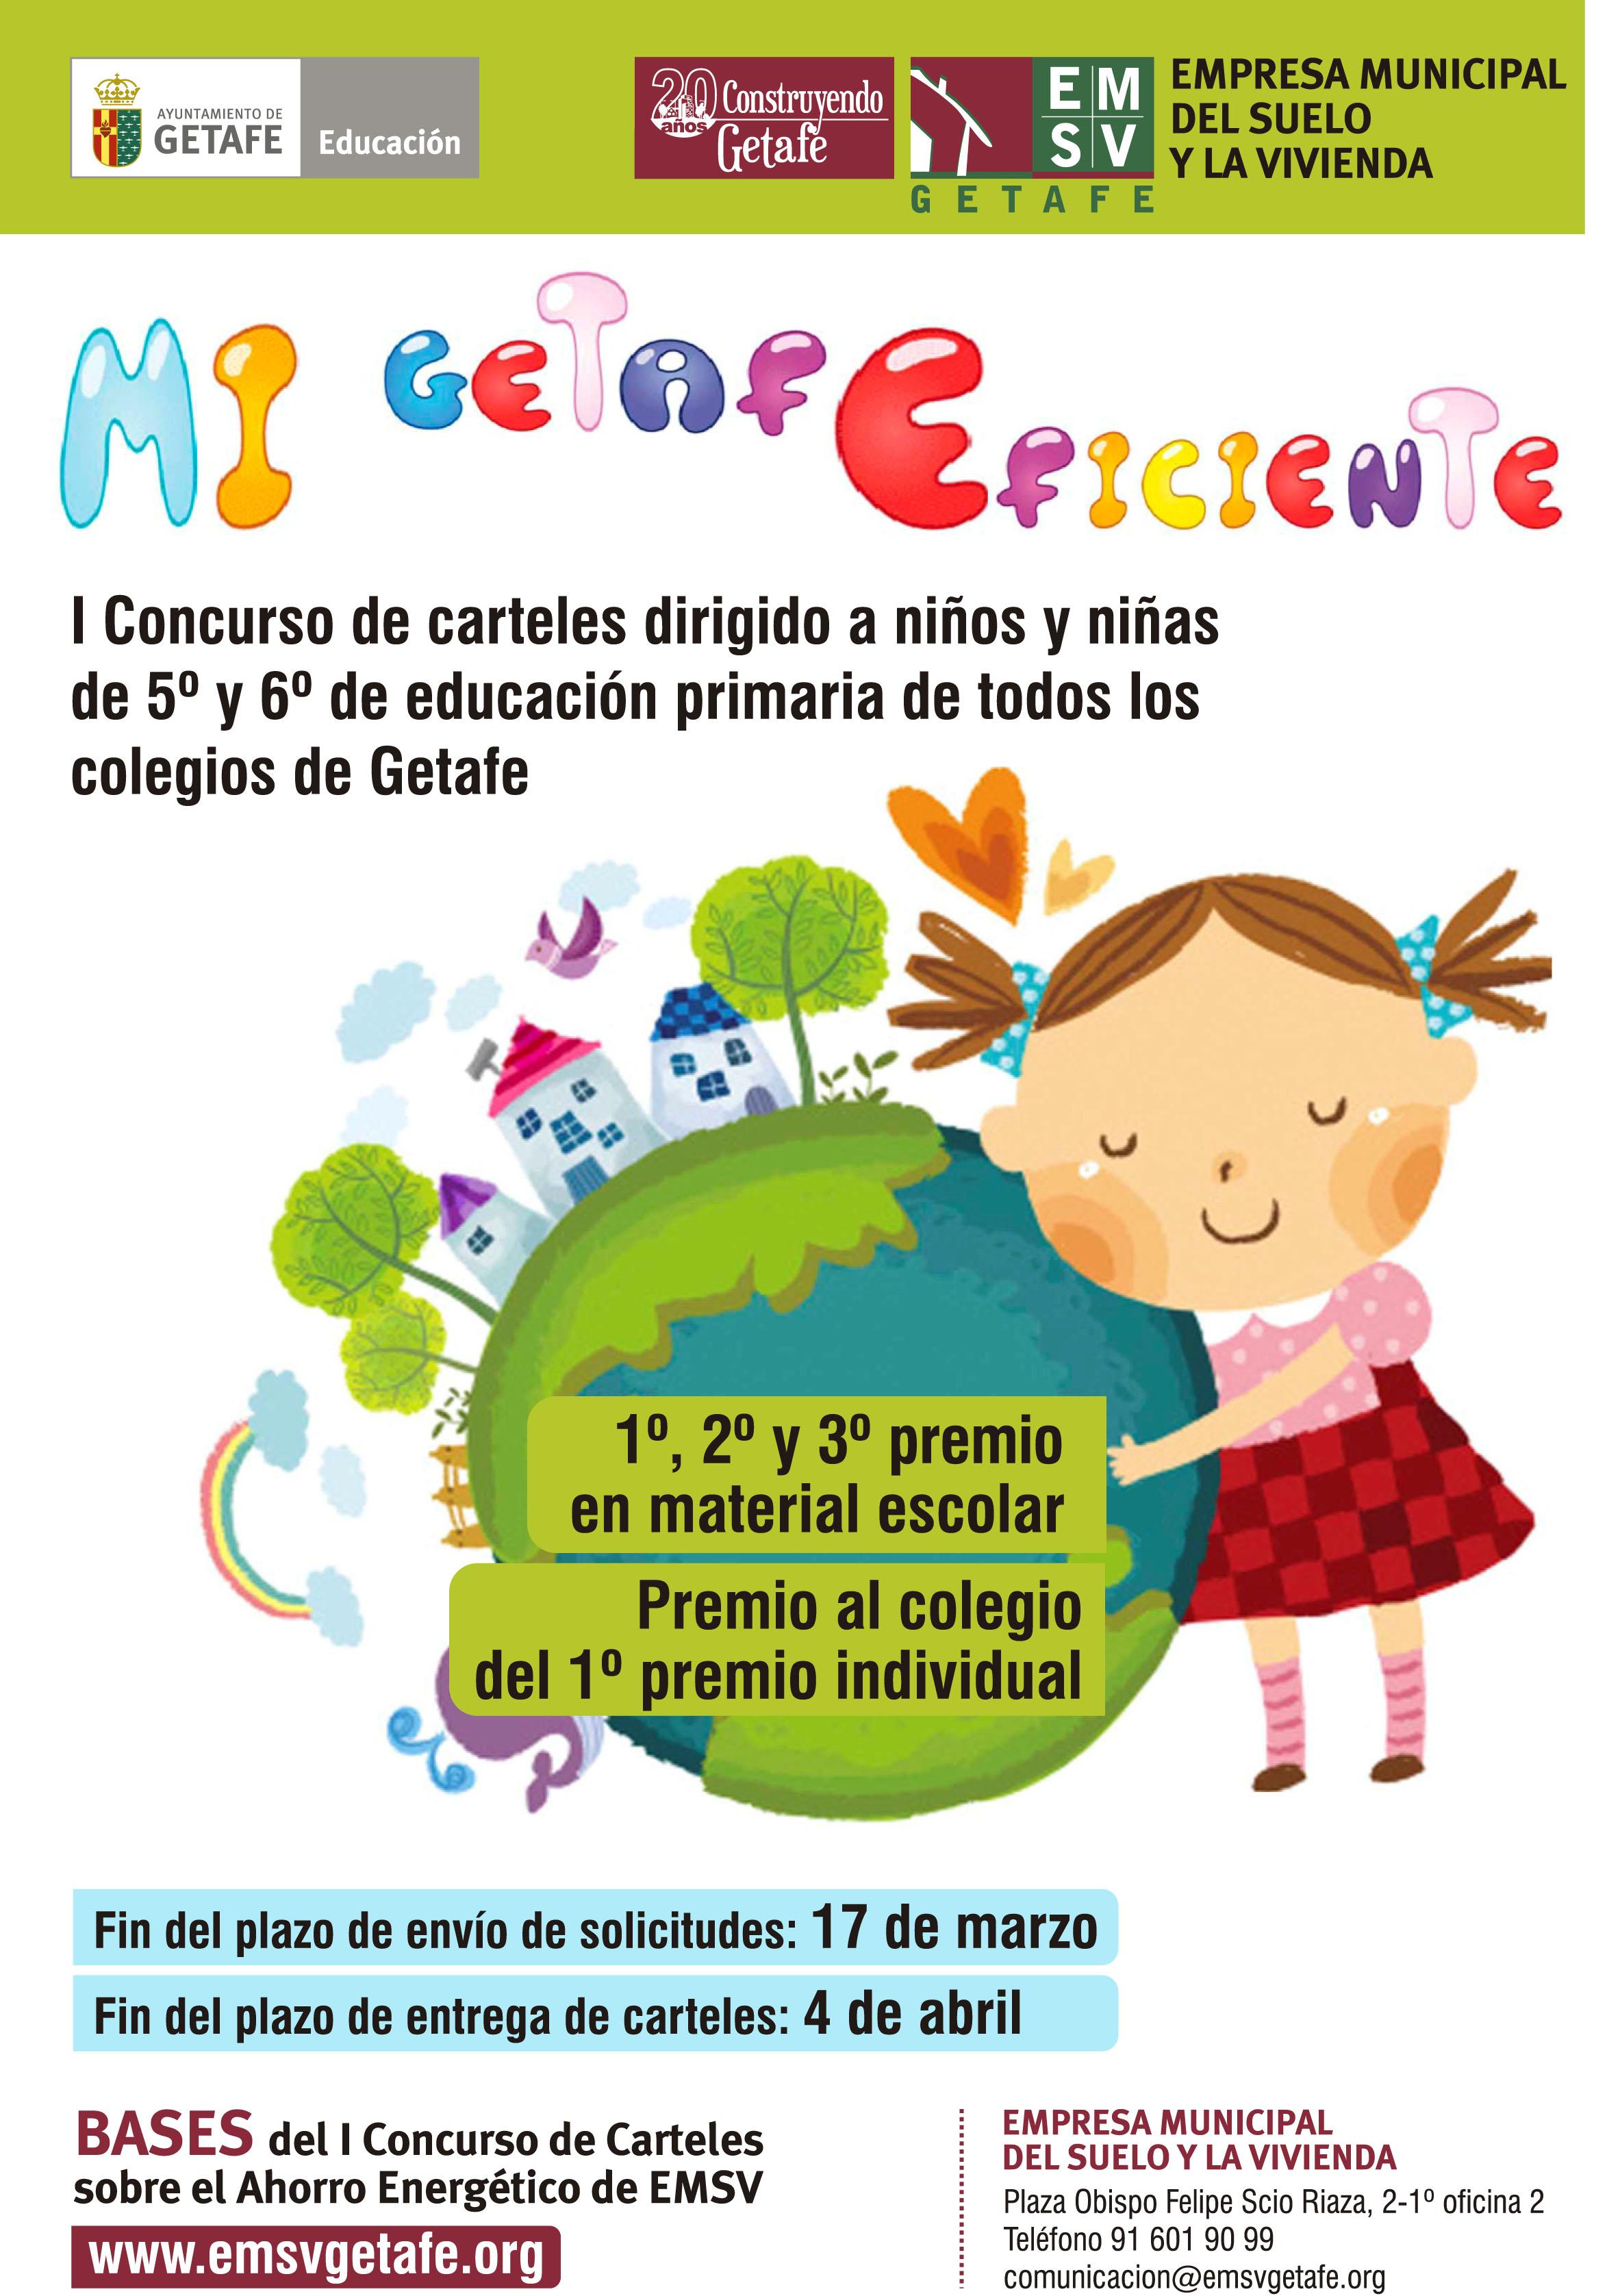 este es un concurso decarteles infantiles sobre eficiencia energtica dirigido a nios y nias de 5